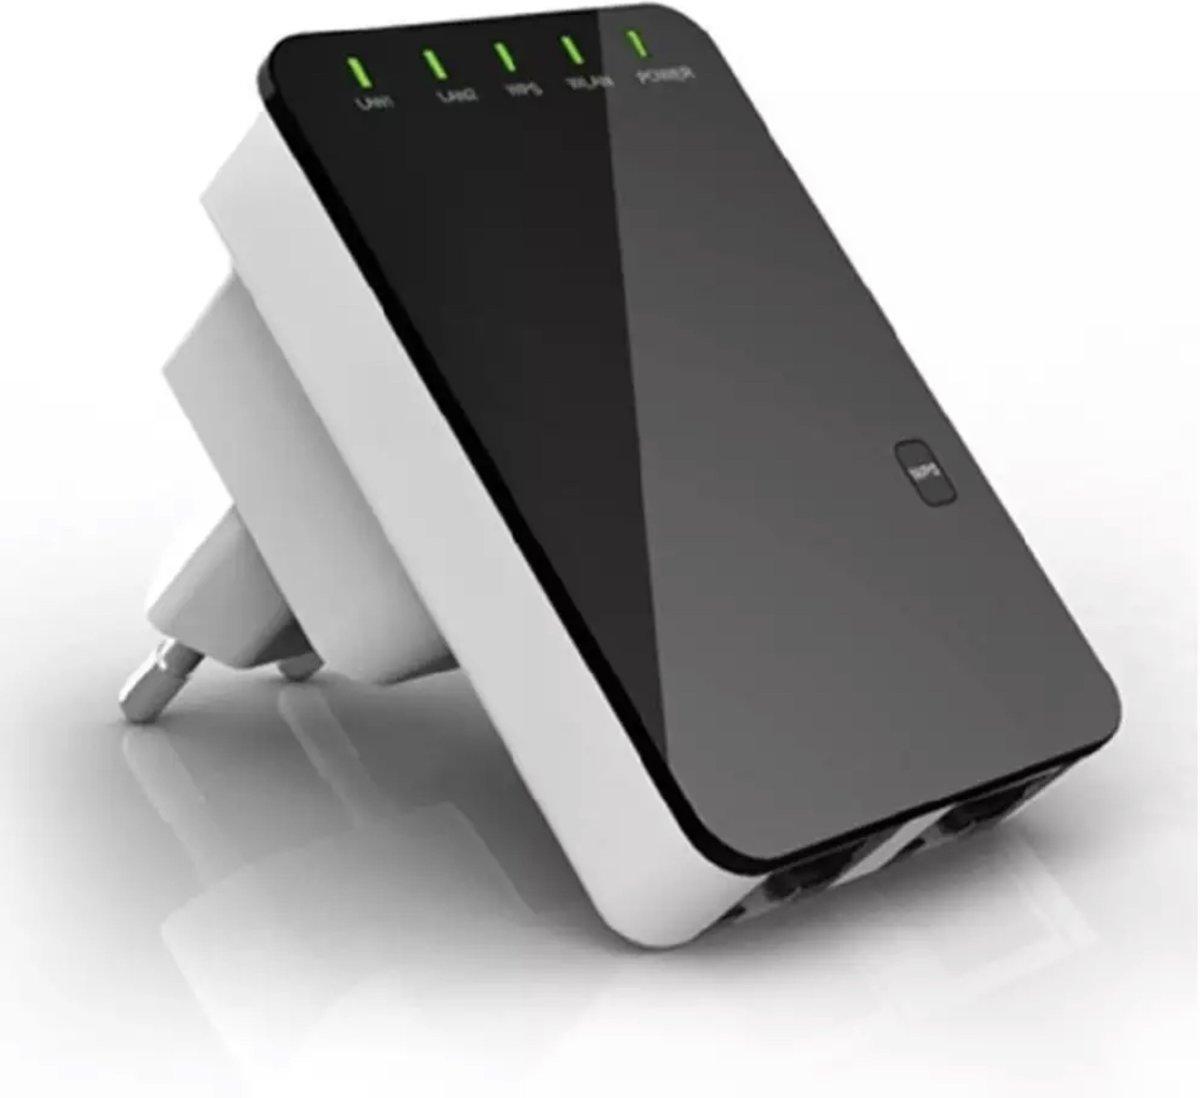 Wifi versterker - Range extender - Nieuw en verbeterd model 2019 - Draadloos - Stopcontact - wireless wifi wifi versterker - 300 mbps - verbeterd de wifi in huis kopen